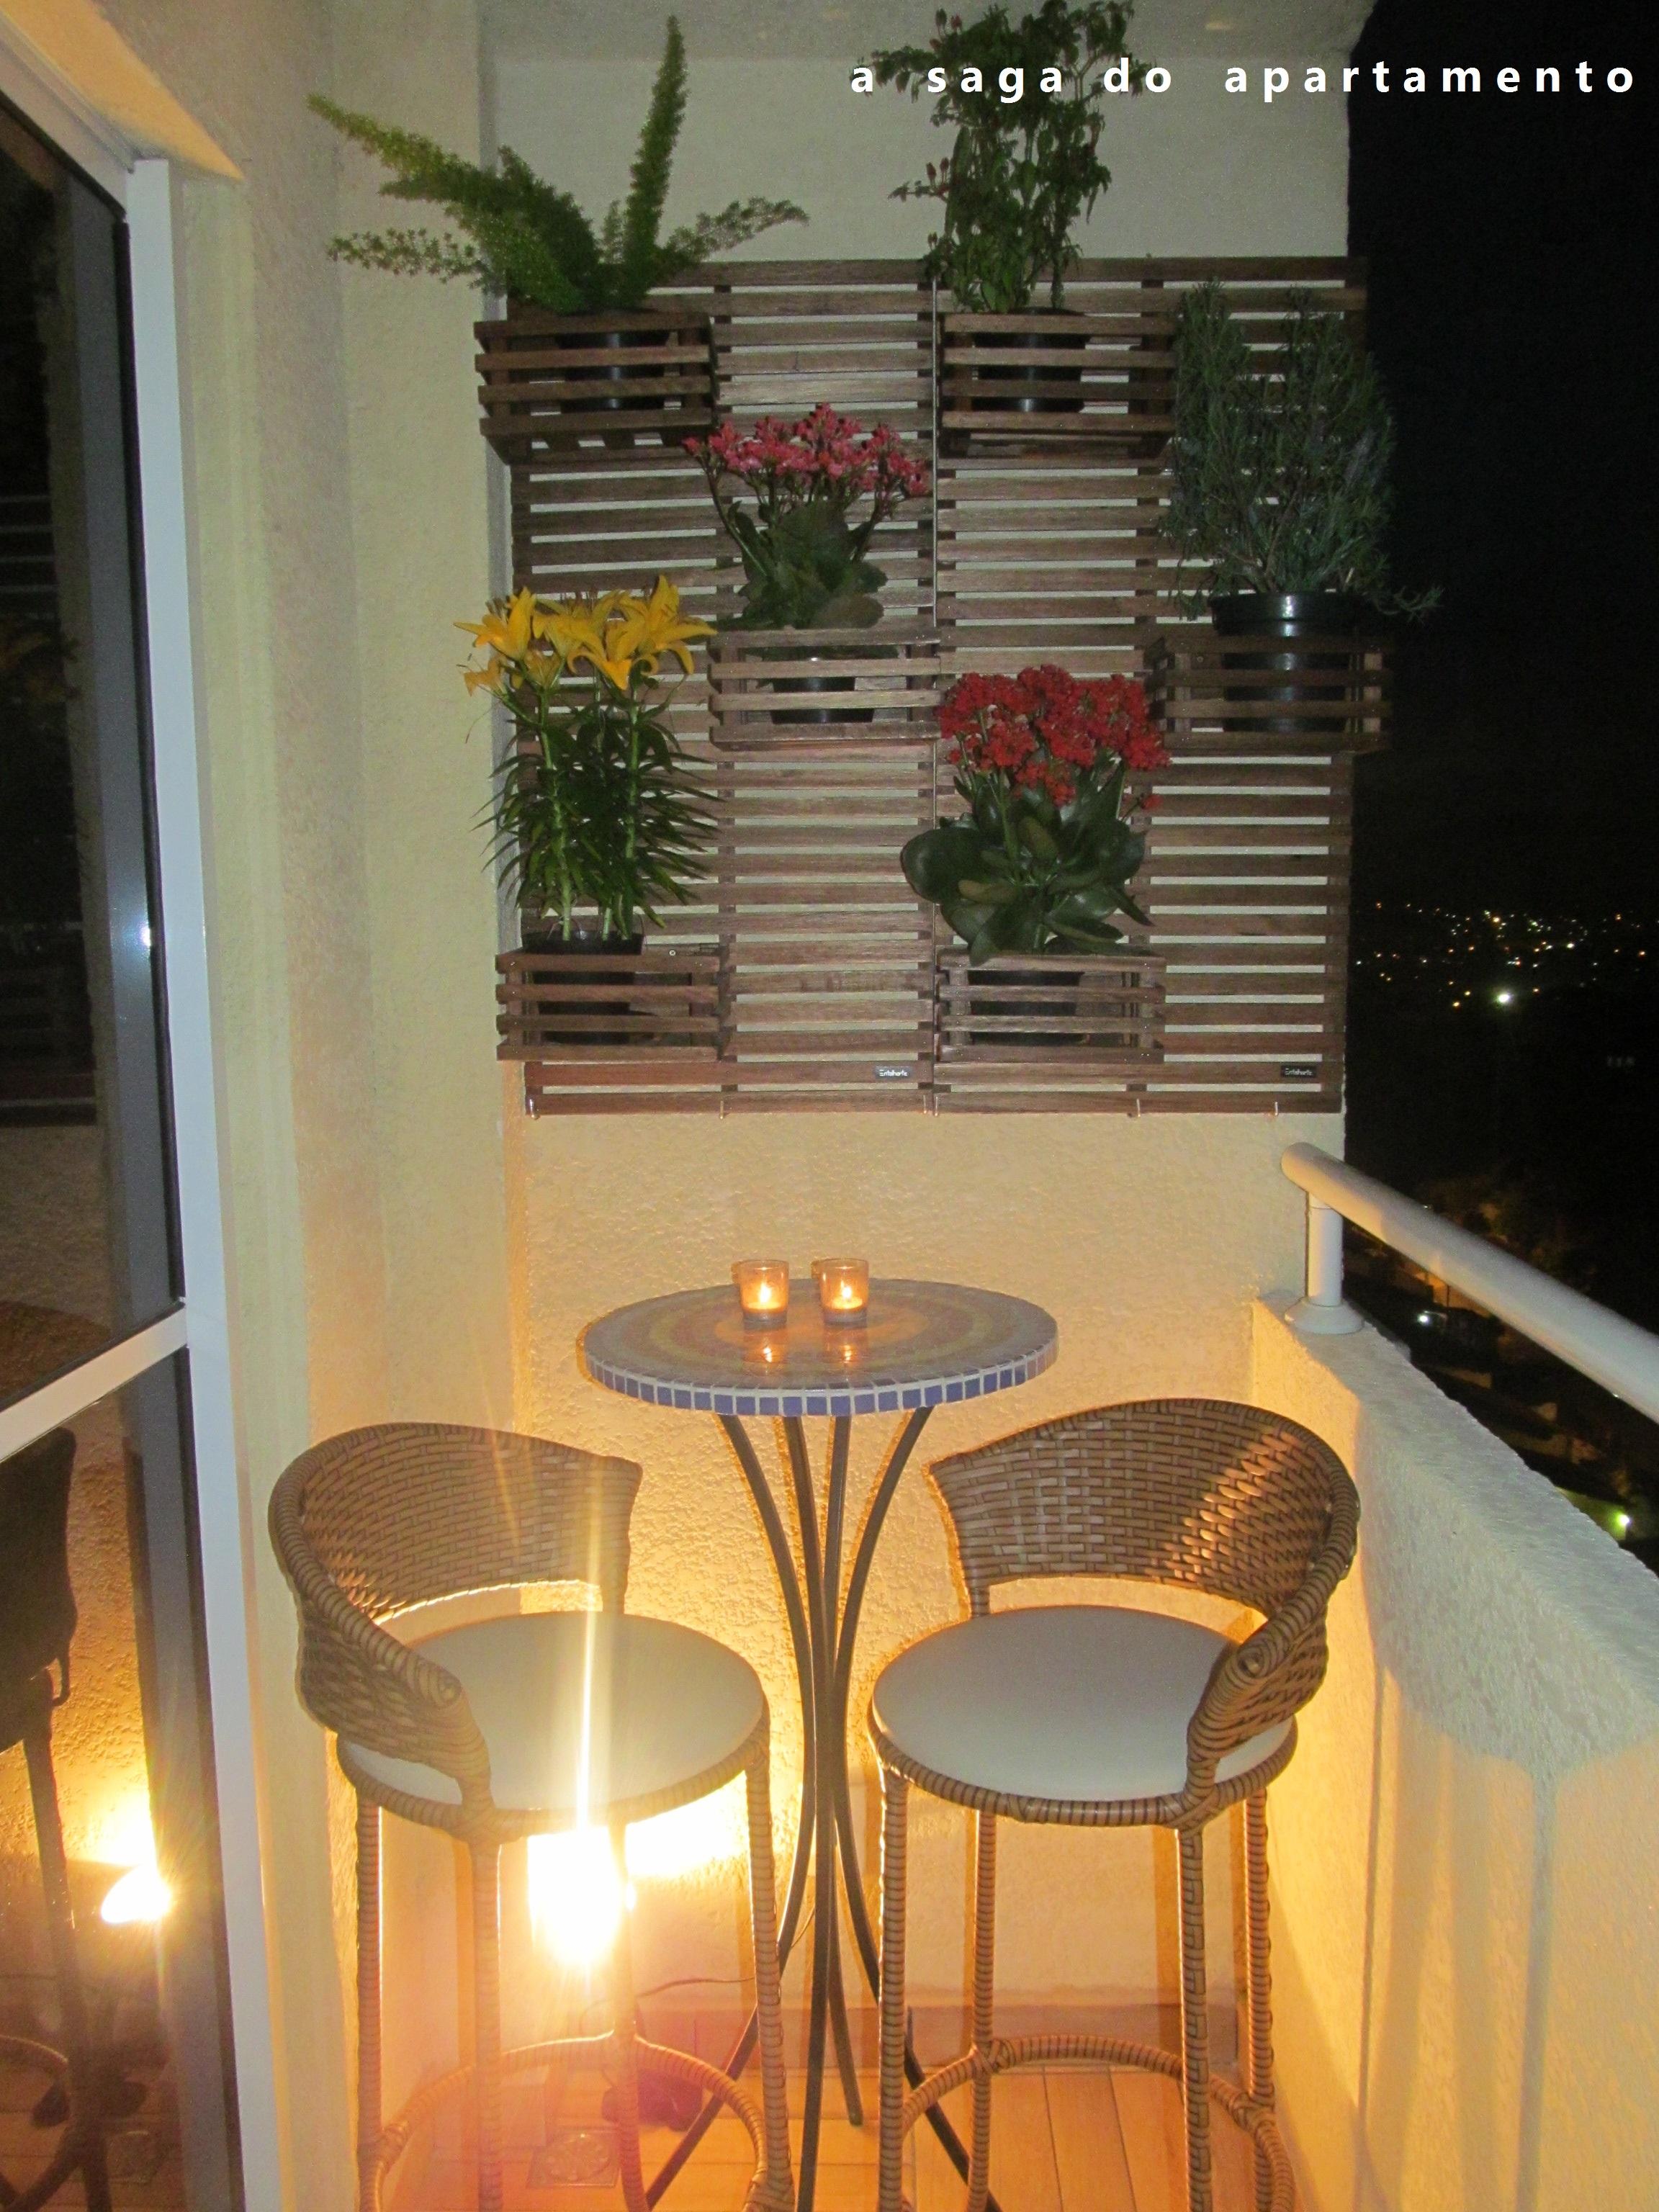 ideias varanda pequena a saga do apartamento -> Decoração Para Varanda De Apartamento Simples